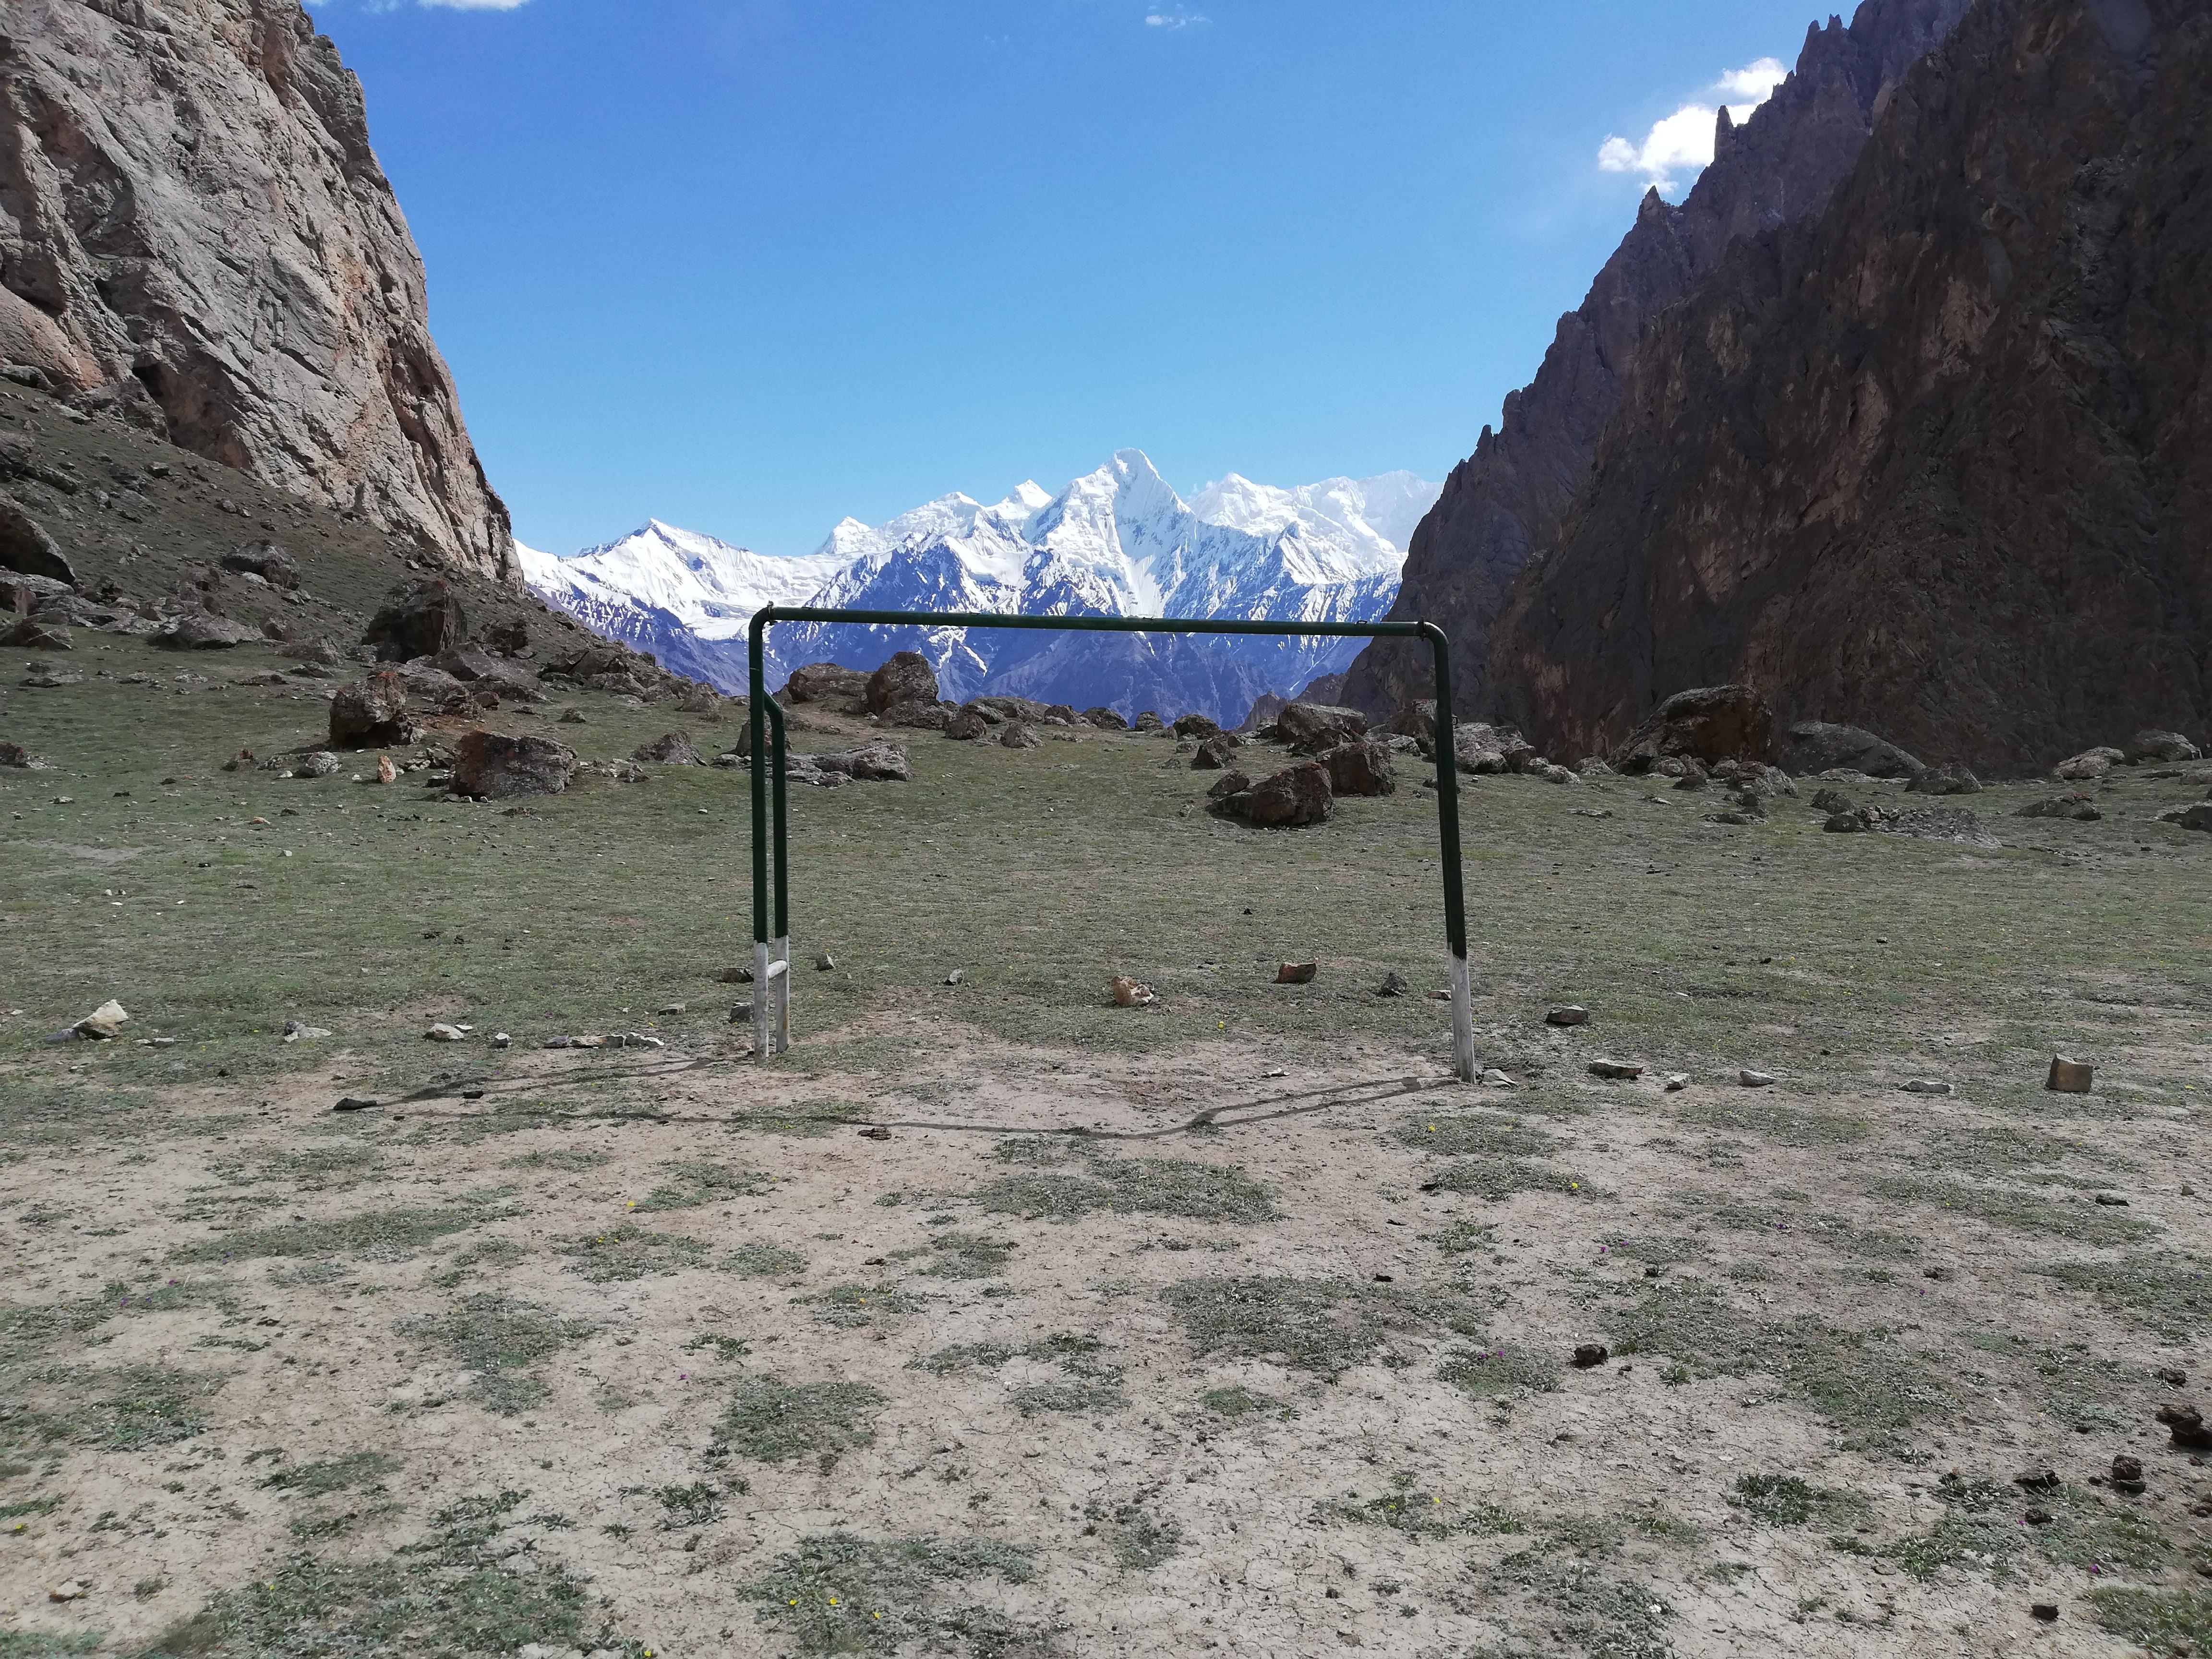 Футболен терен с гледка на 4000 м.